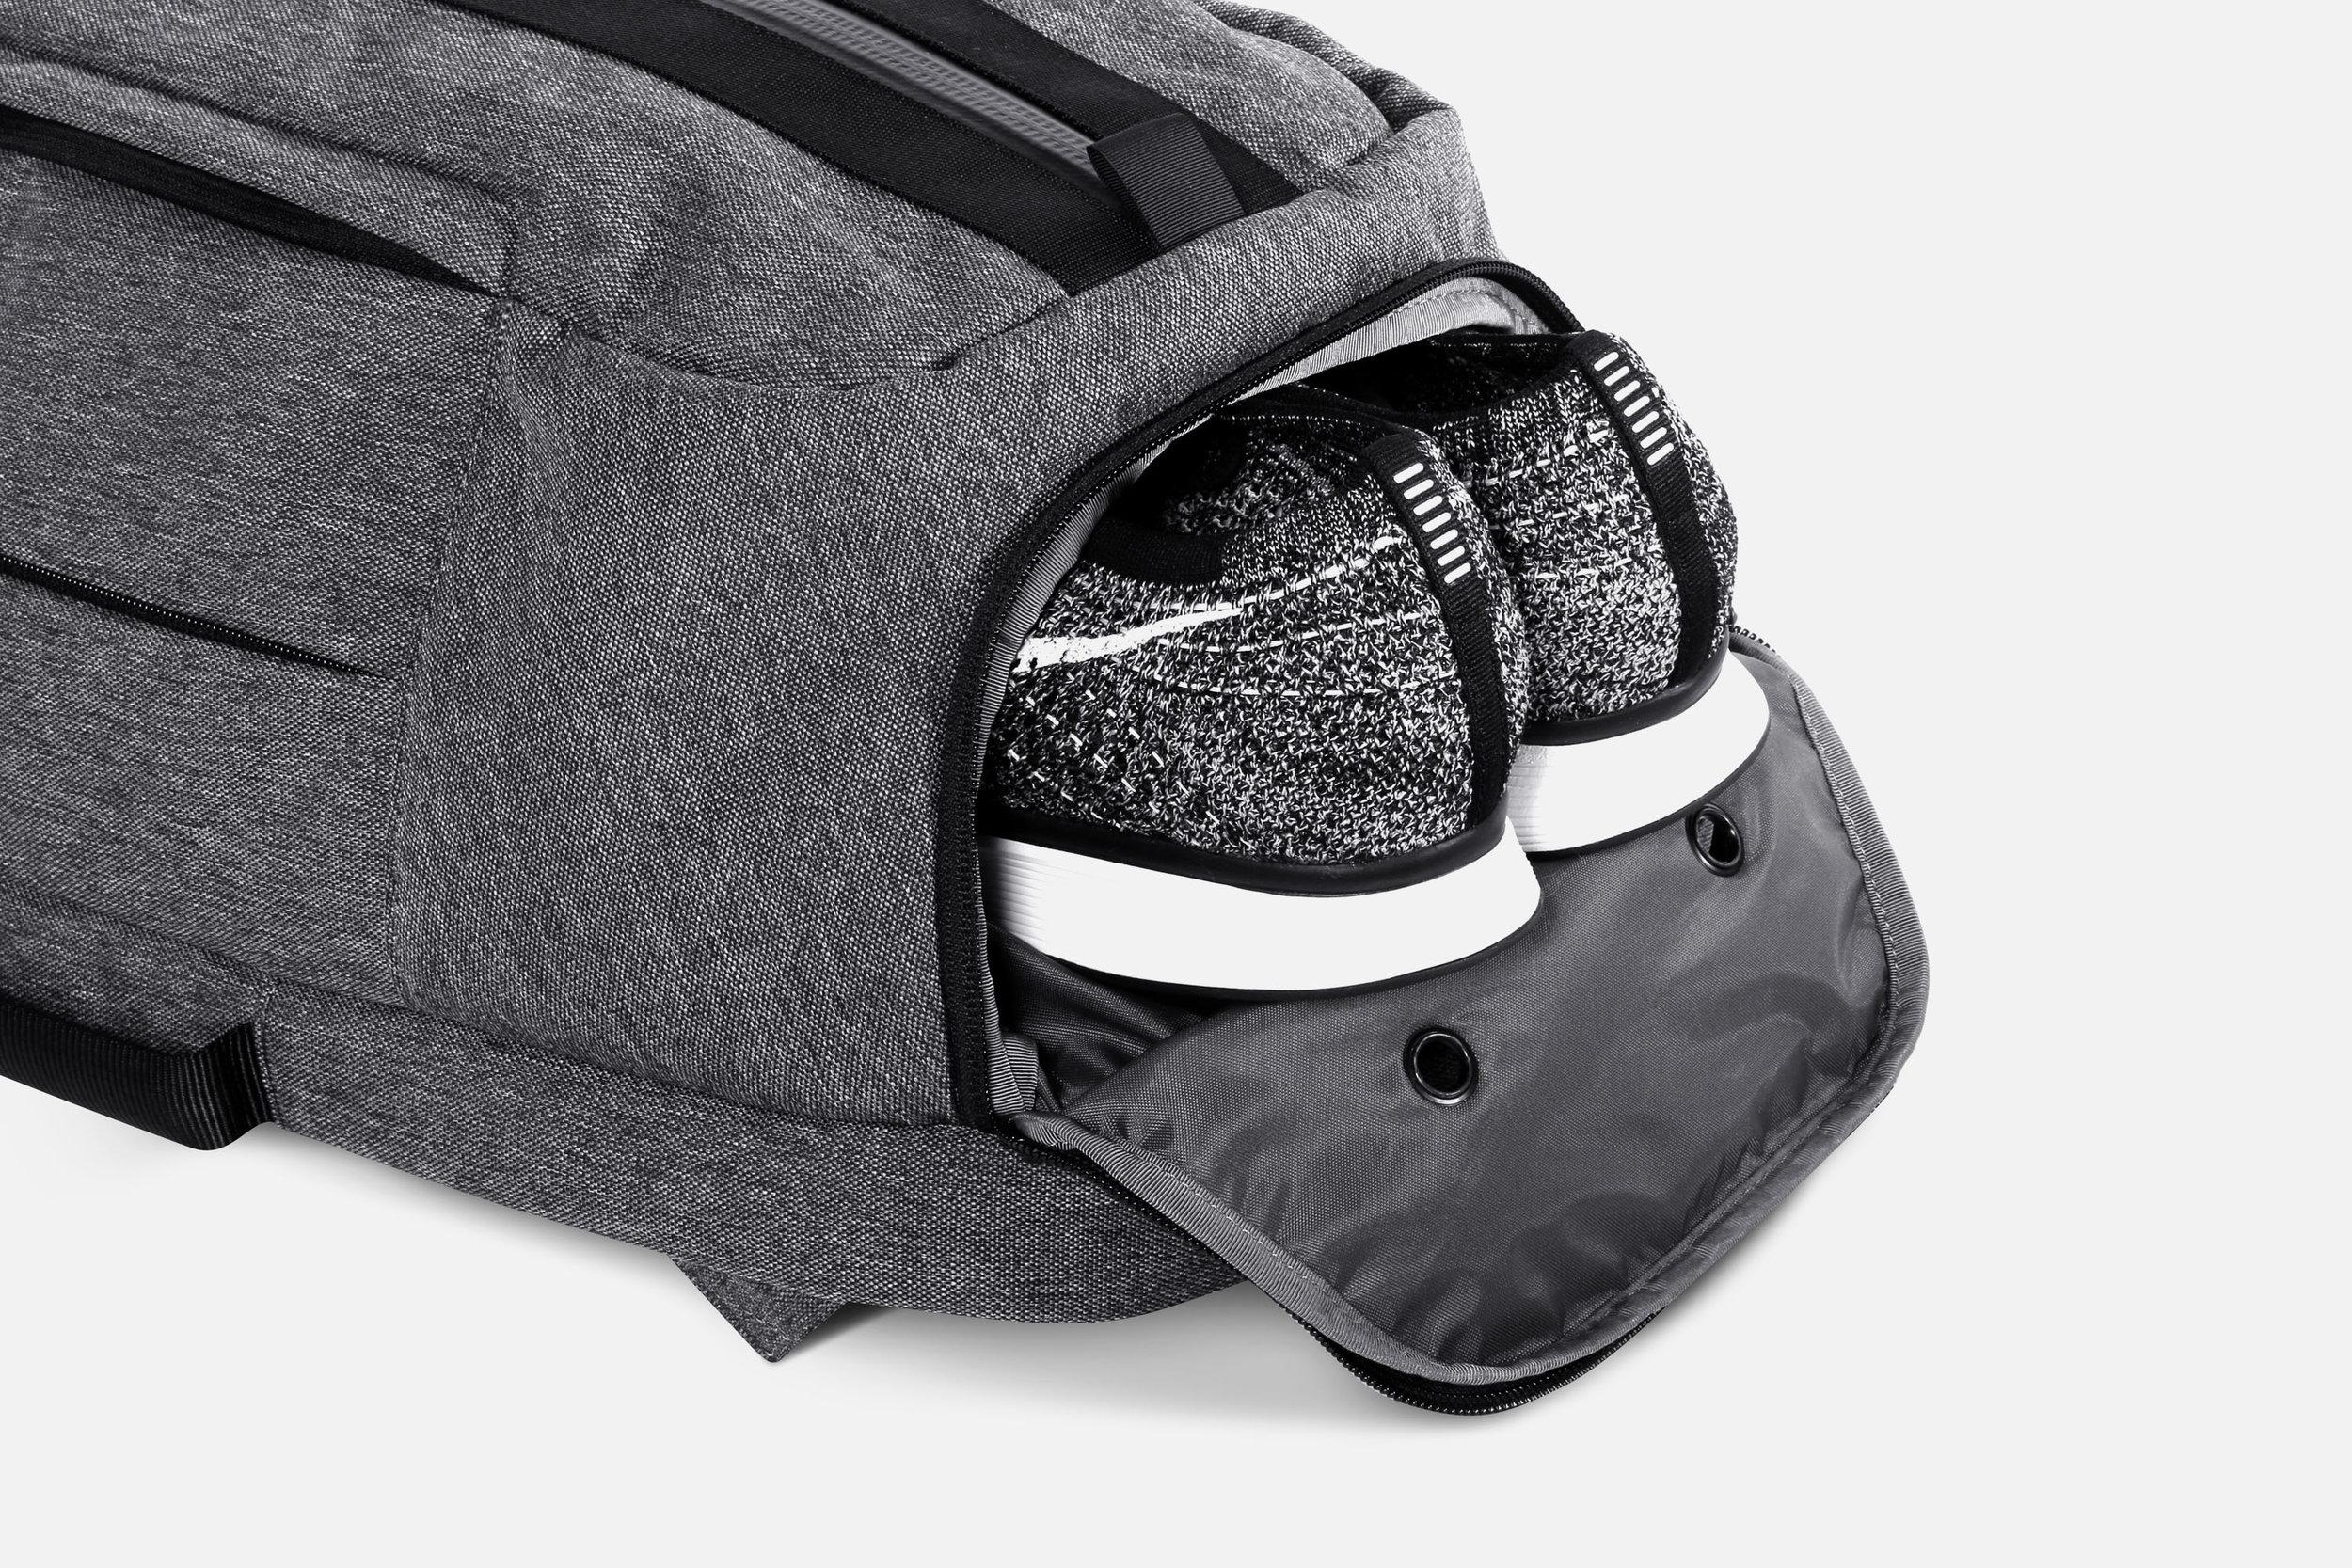 Aer Duffel Pack Gym/Work Pack Sport Bag Shoe Pocket